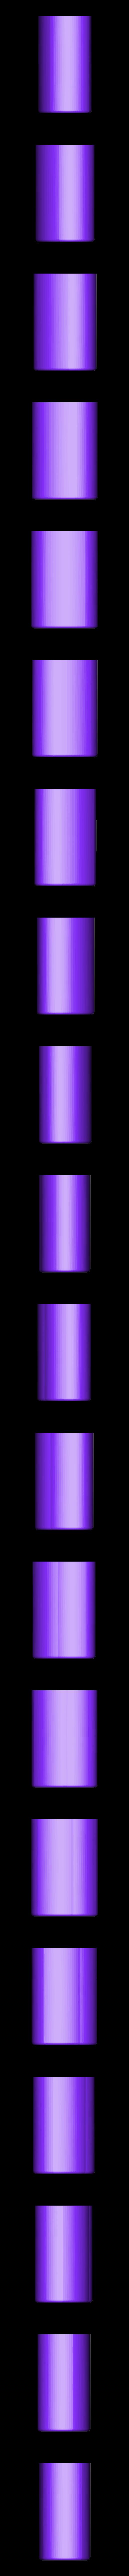 DeepArteryRight.stl Télécharger fichier STL Puzzle de la section tranchée du clitoris • Plan pour impression 3D, 3D_Maniac